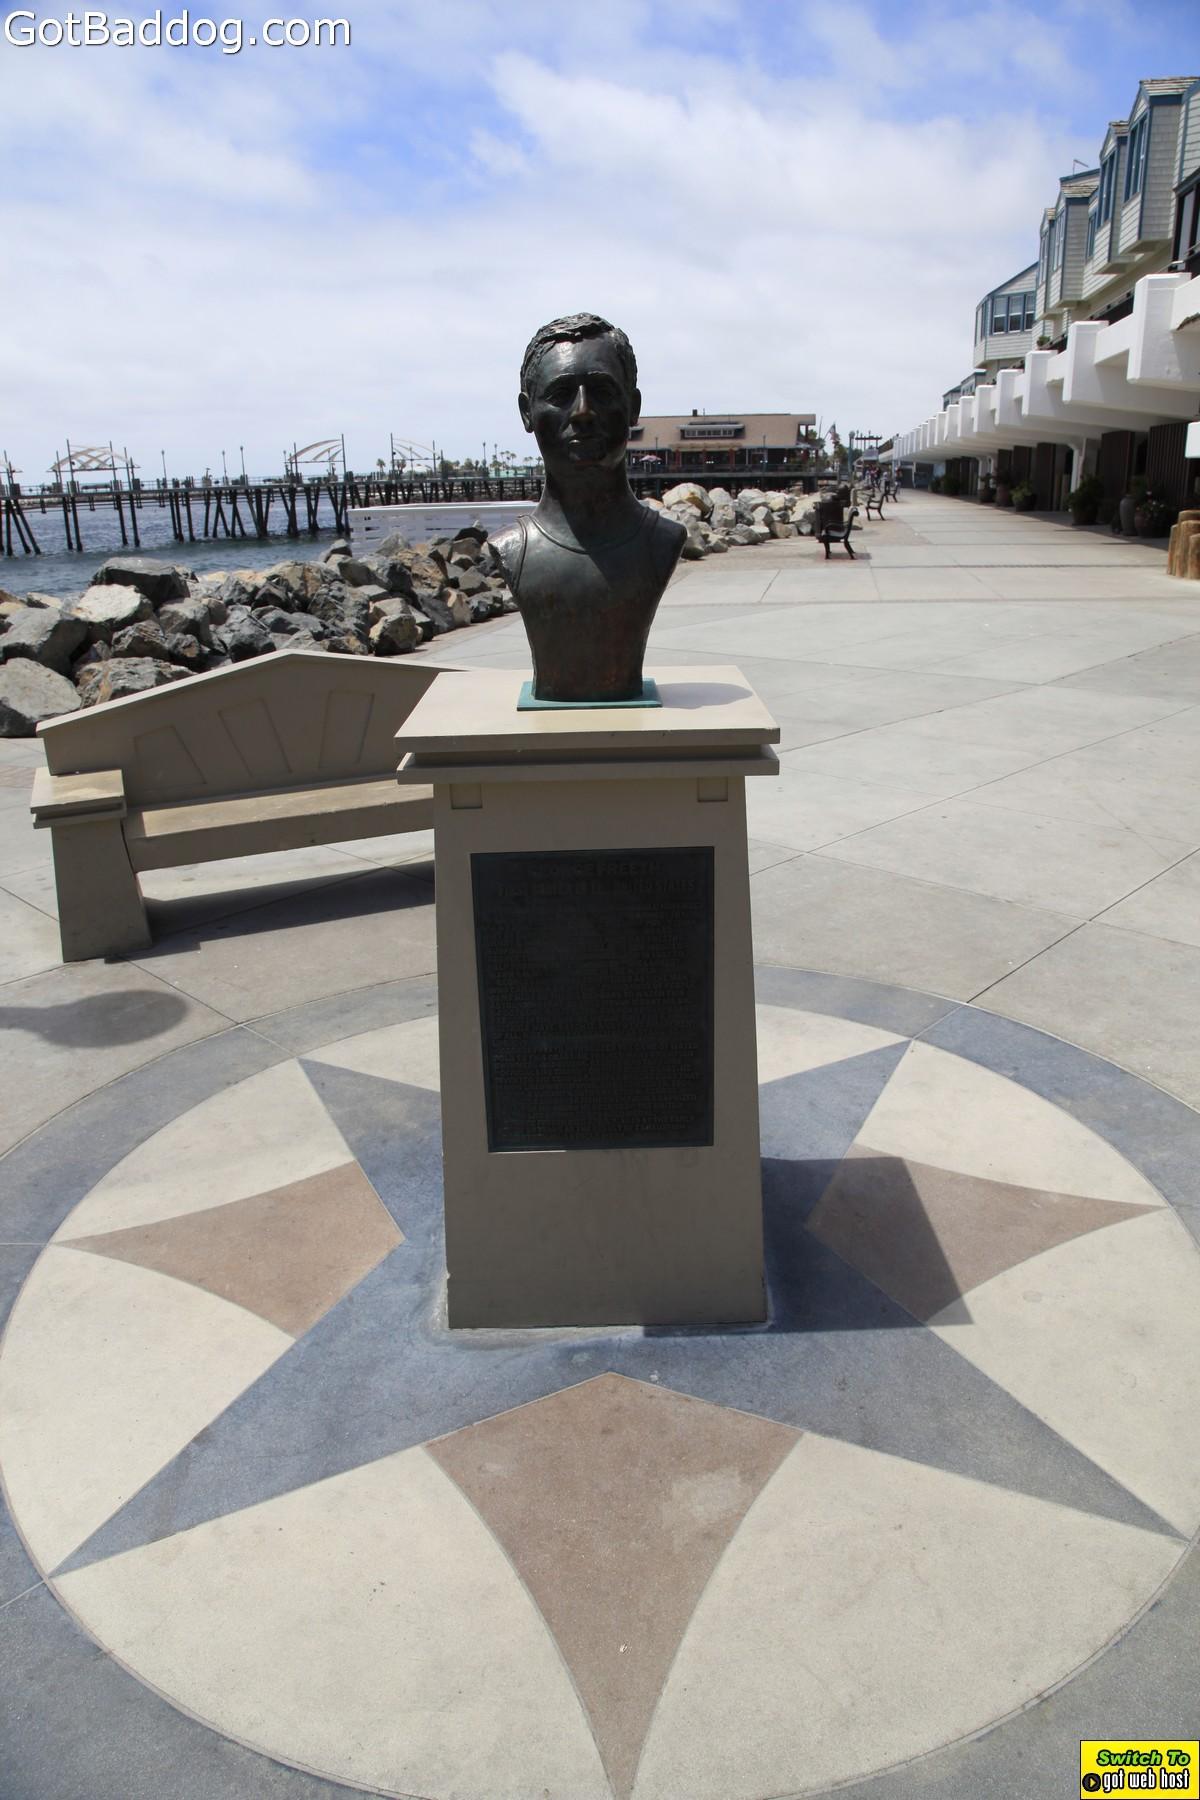 pier-boardwalk_1189